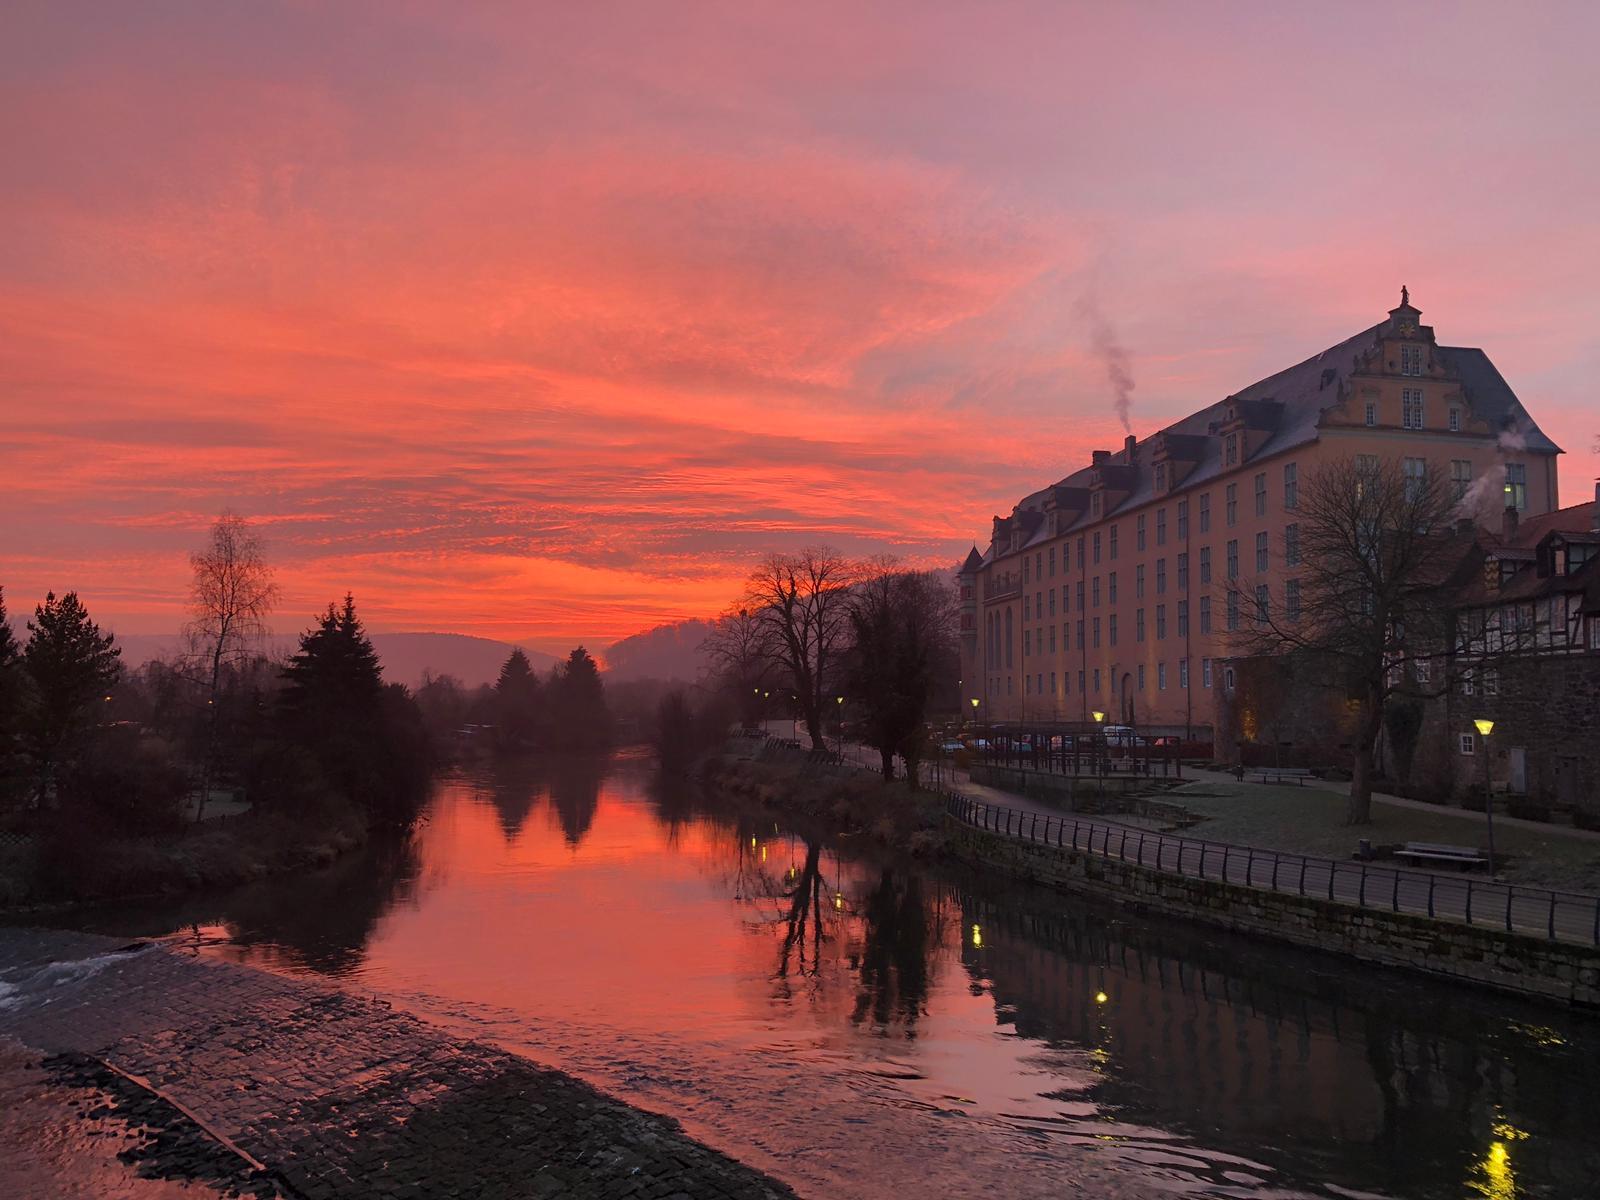 Sonnenaufgang in Hann Münden